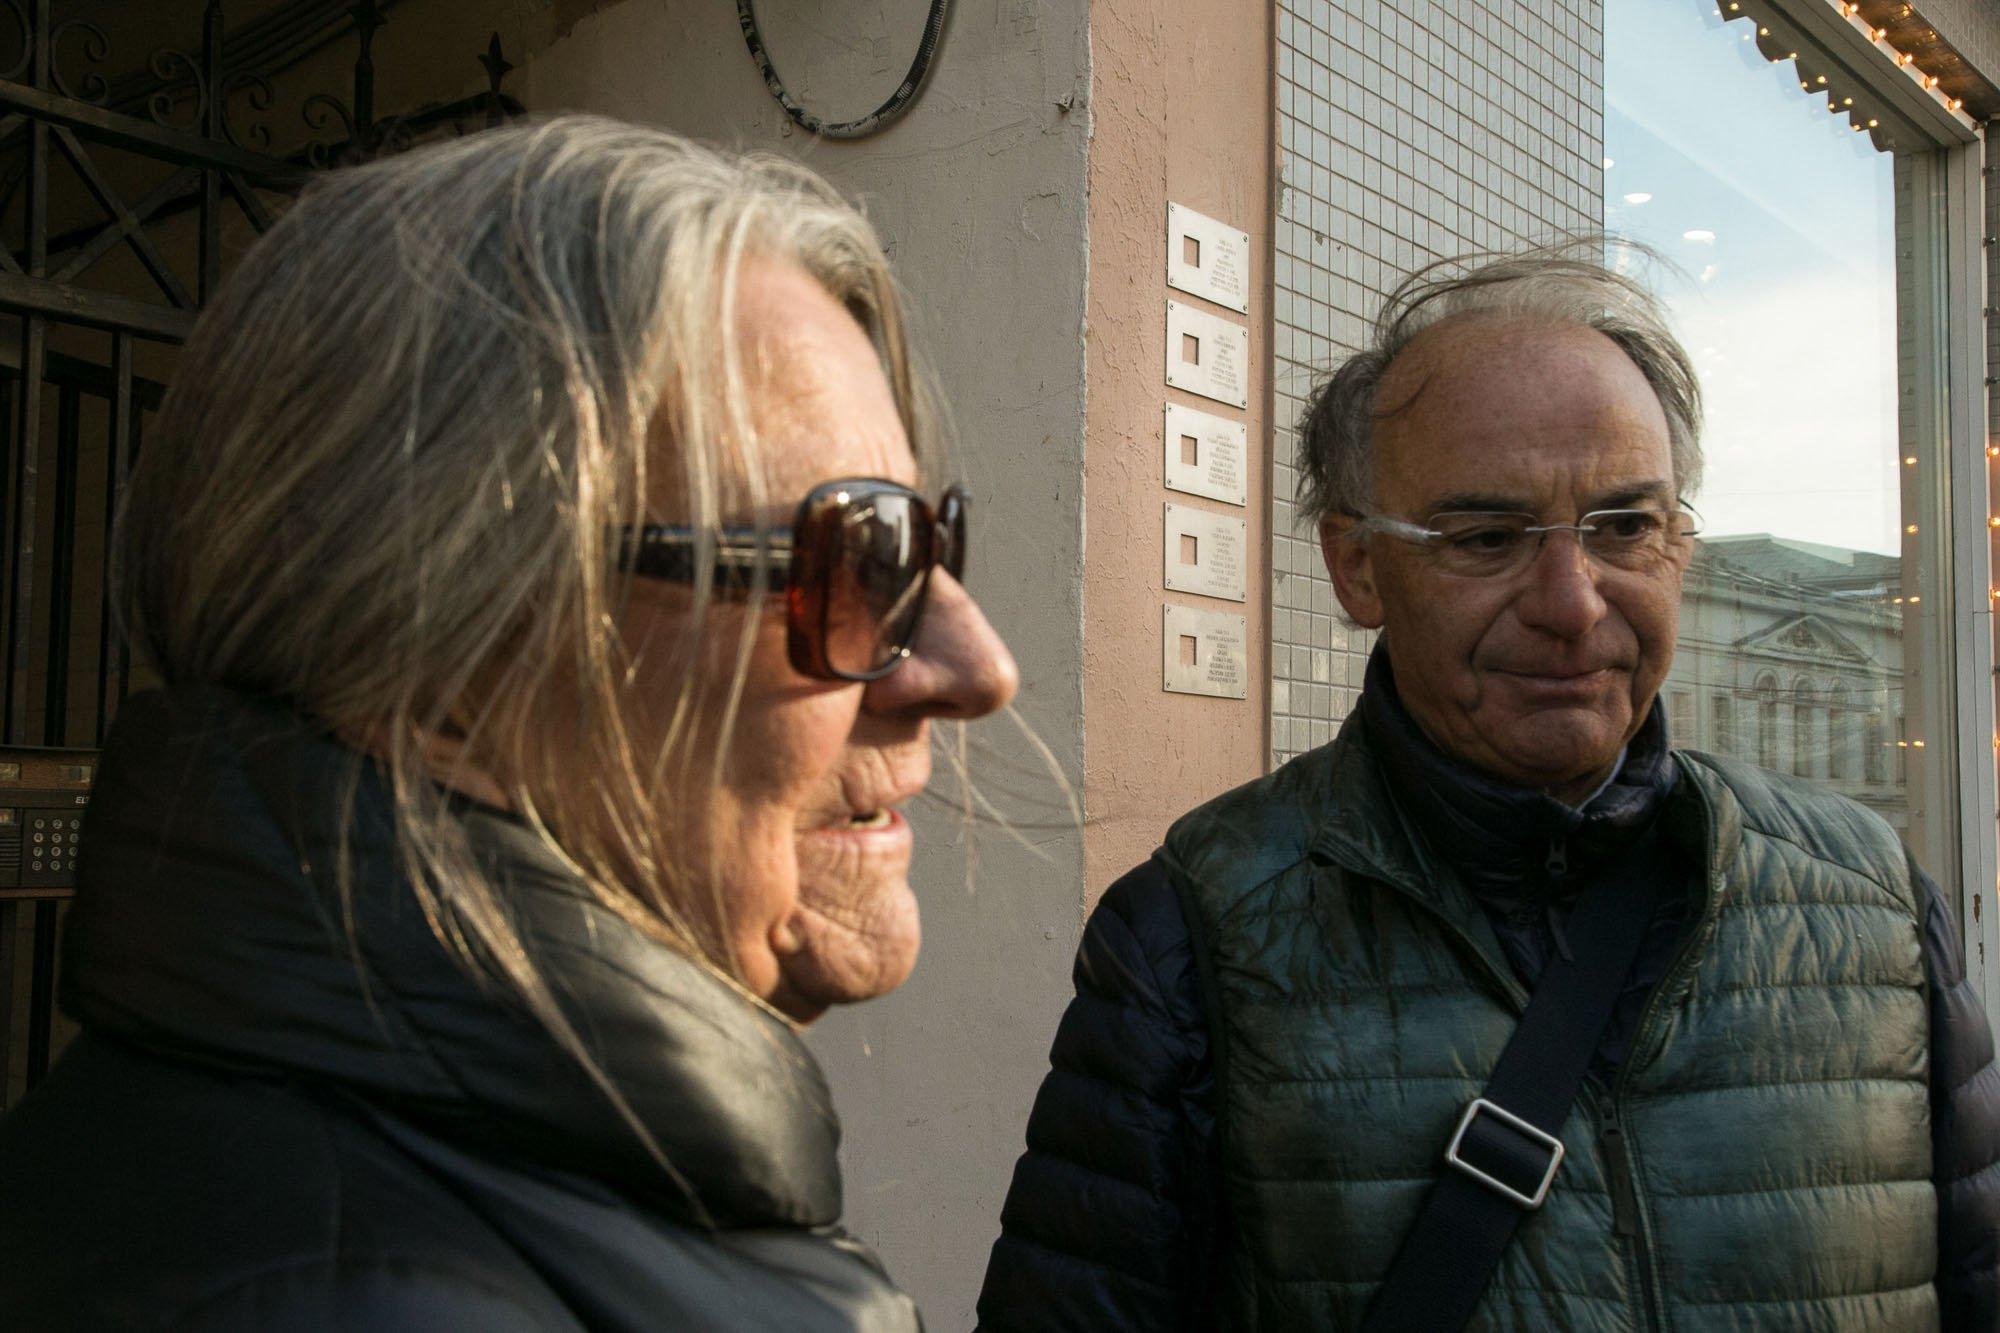 Марек и Лаура, пенсионеры из Бельгии Медиапроект s-t-o-l.com